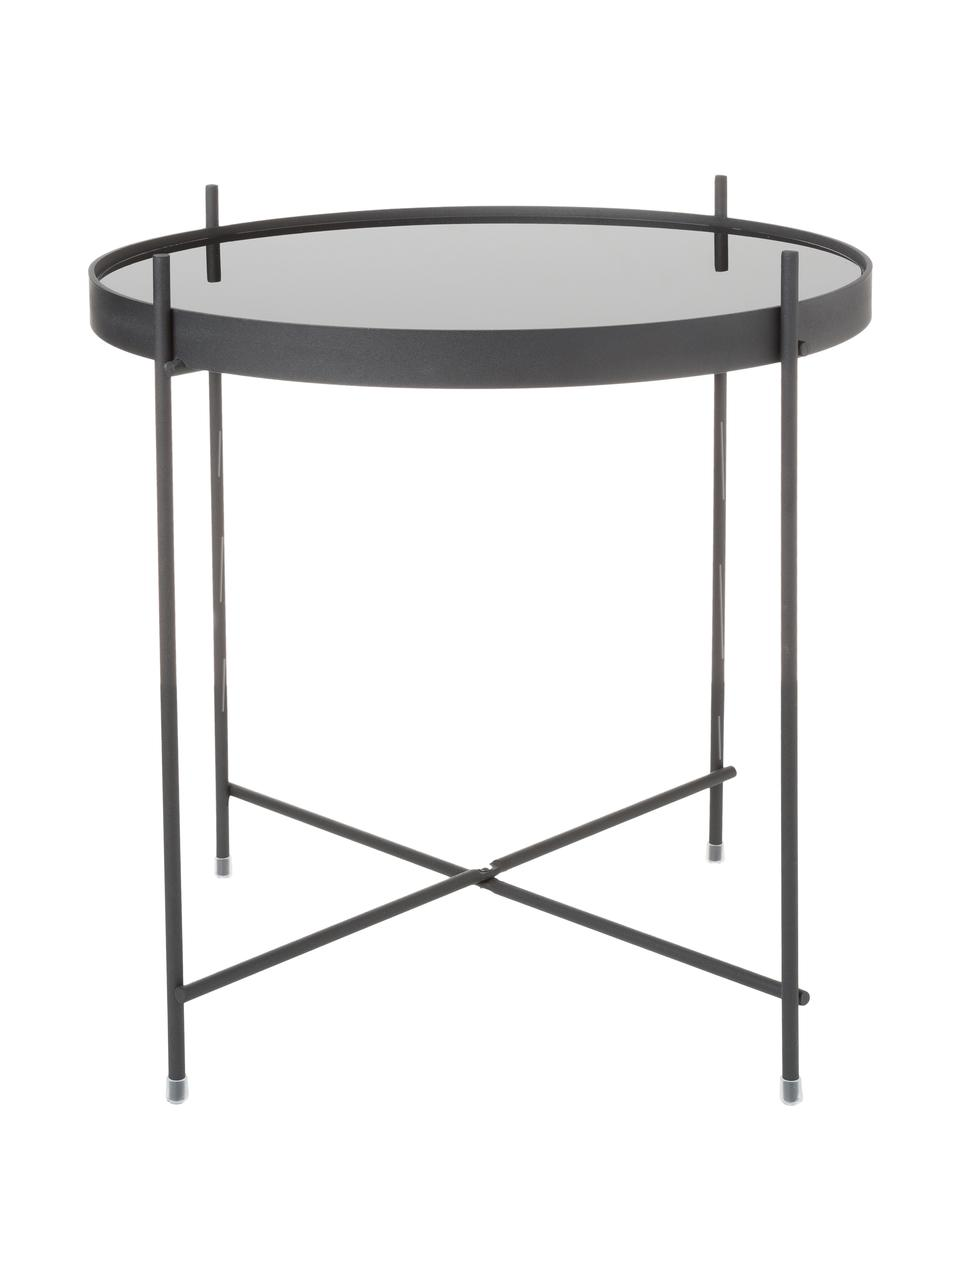 Tablett-Beistelltisch Cupid mit Glasplatte, Gestell: Eisen, pulverbeschichtet, Tischplatte: Schwarzglas, Schwarz, Ø 43 x H 45 cm